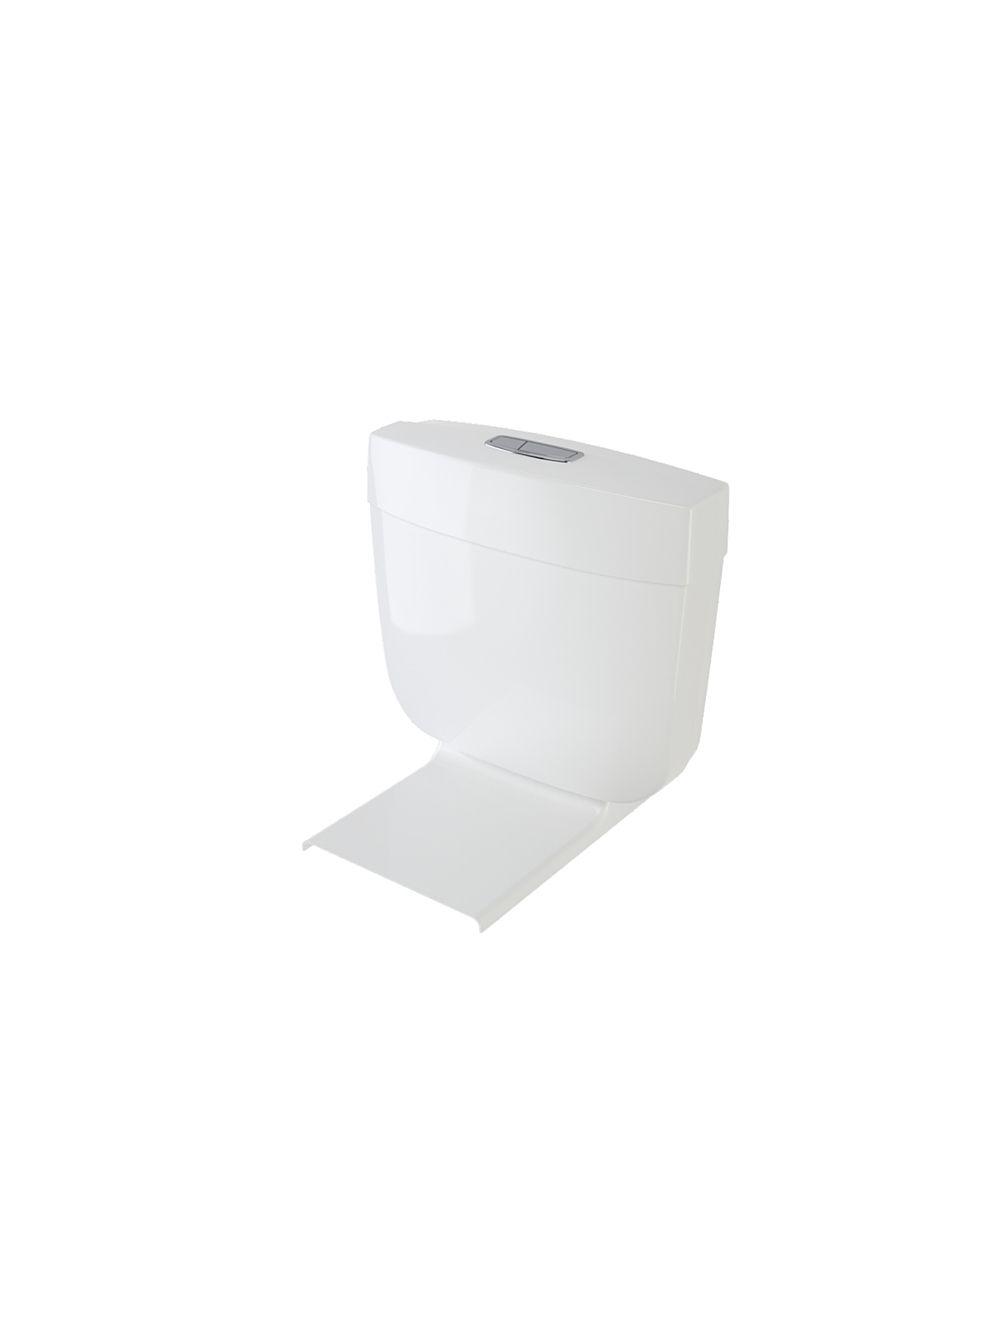 Buy Caroma Slimline White Cistern Seat At Plumbing Sales